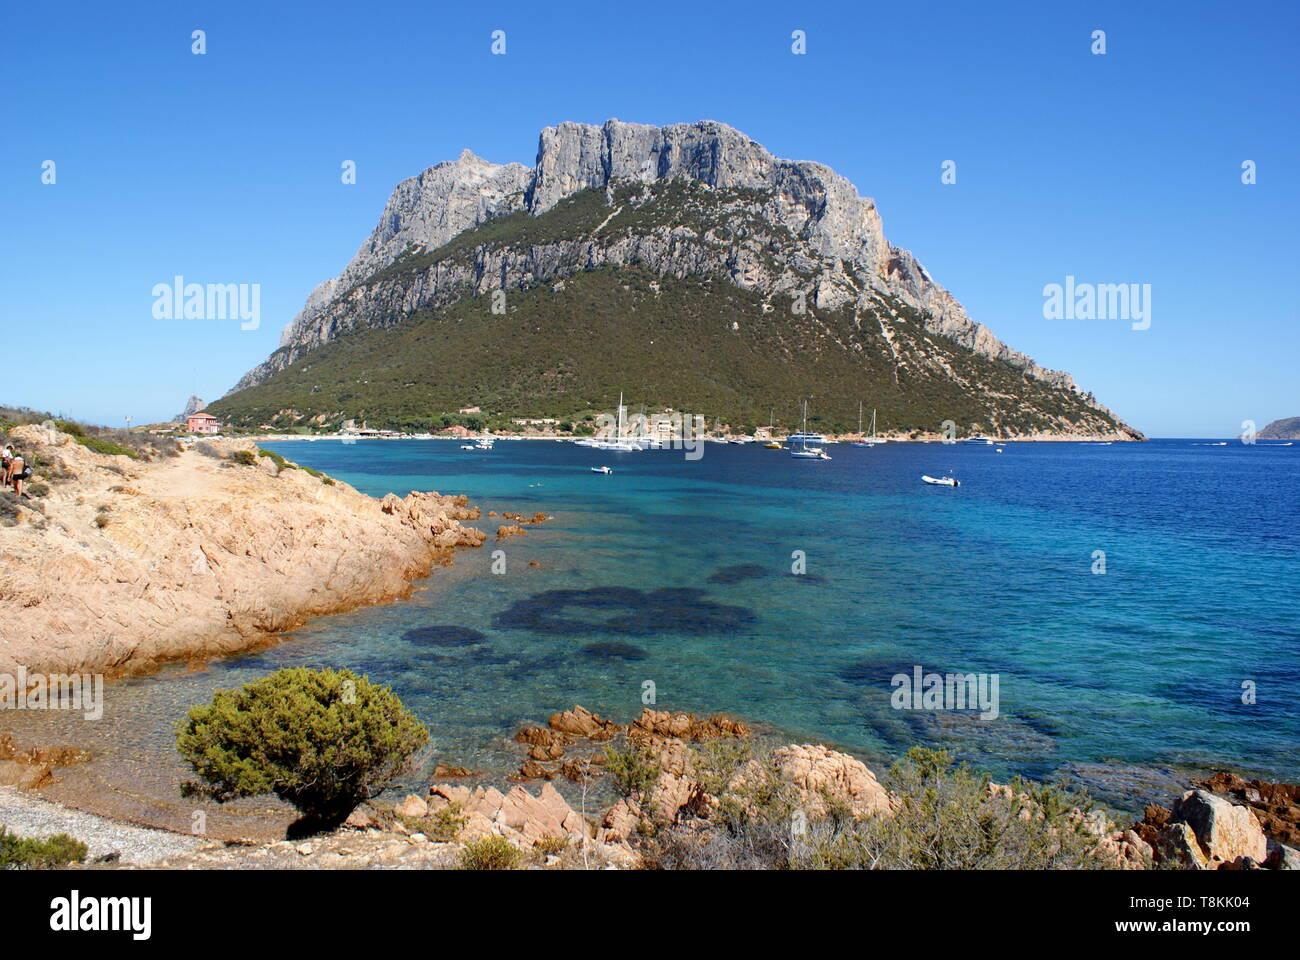 Tavolara island, Olbia-Tempio, Sardinia, Italy - Stock Image